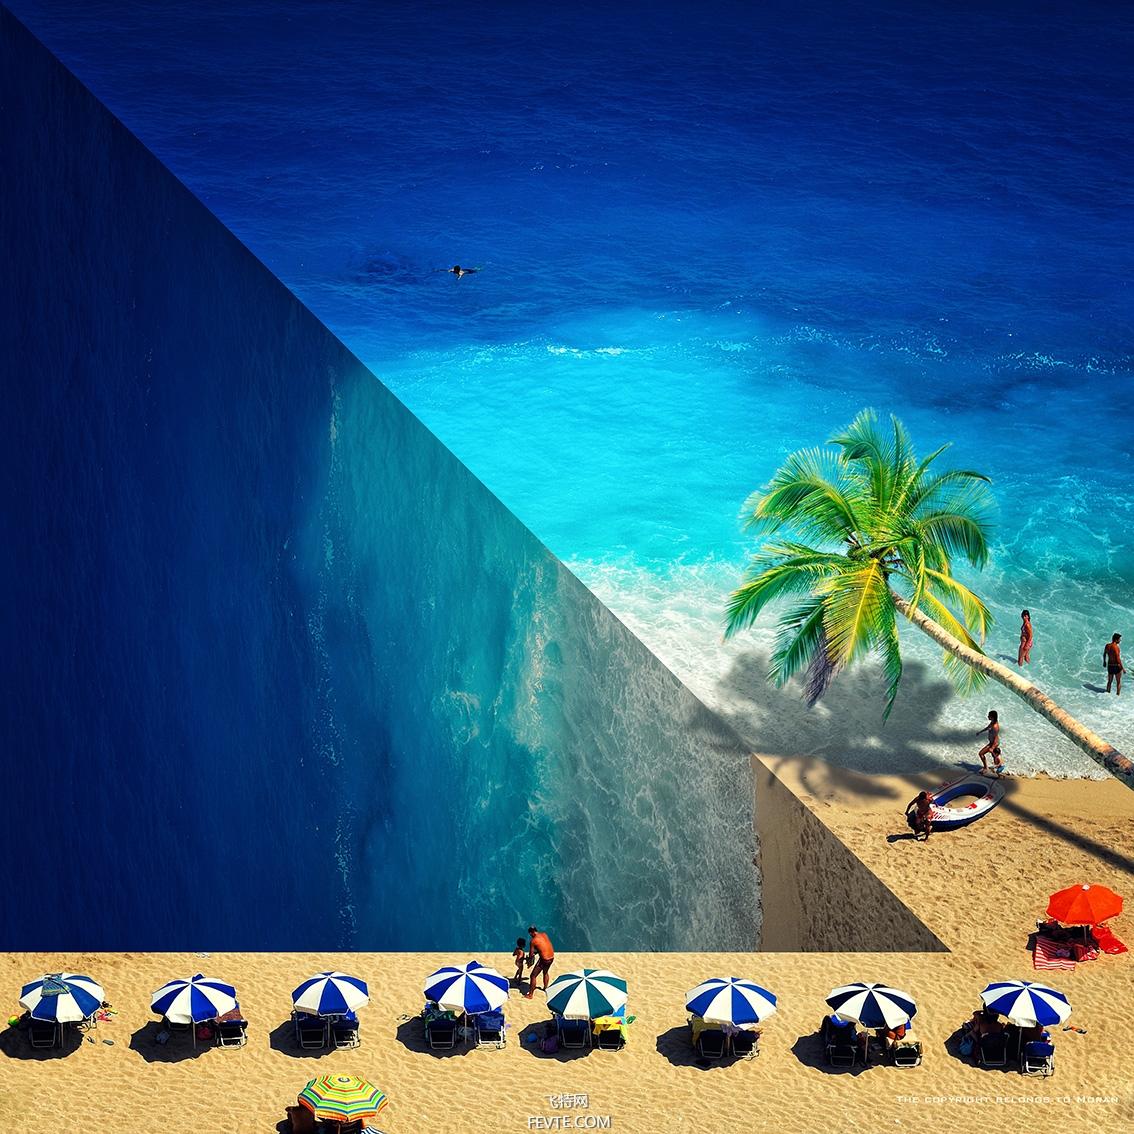 ps创意次元效果海滩合成之路